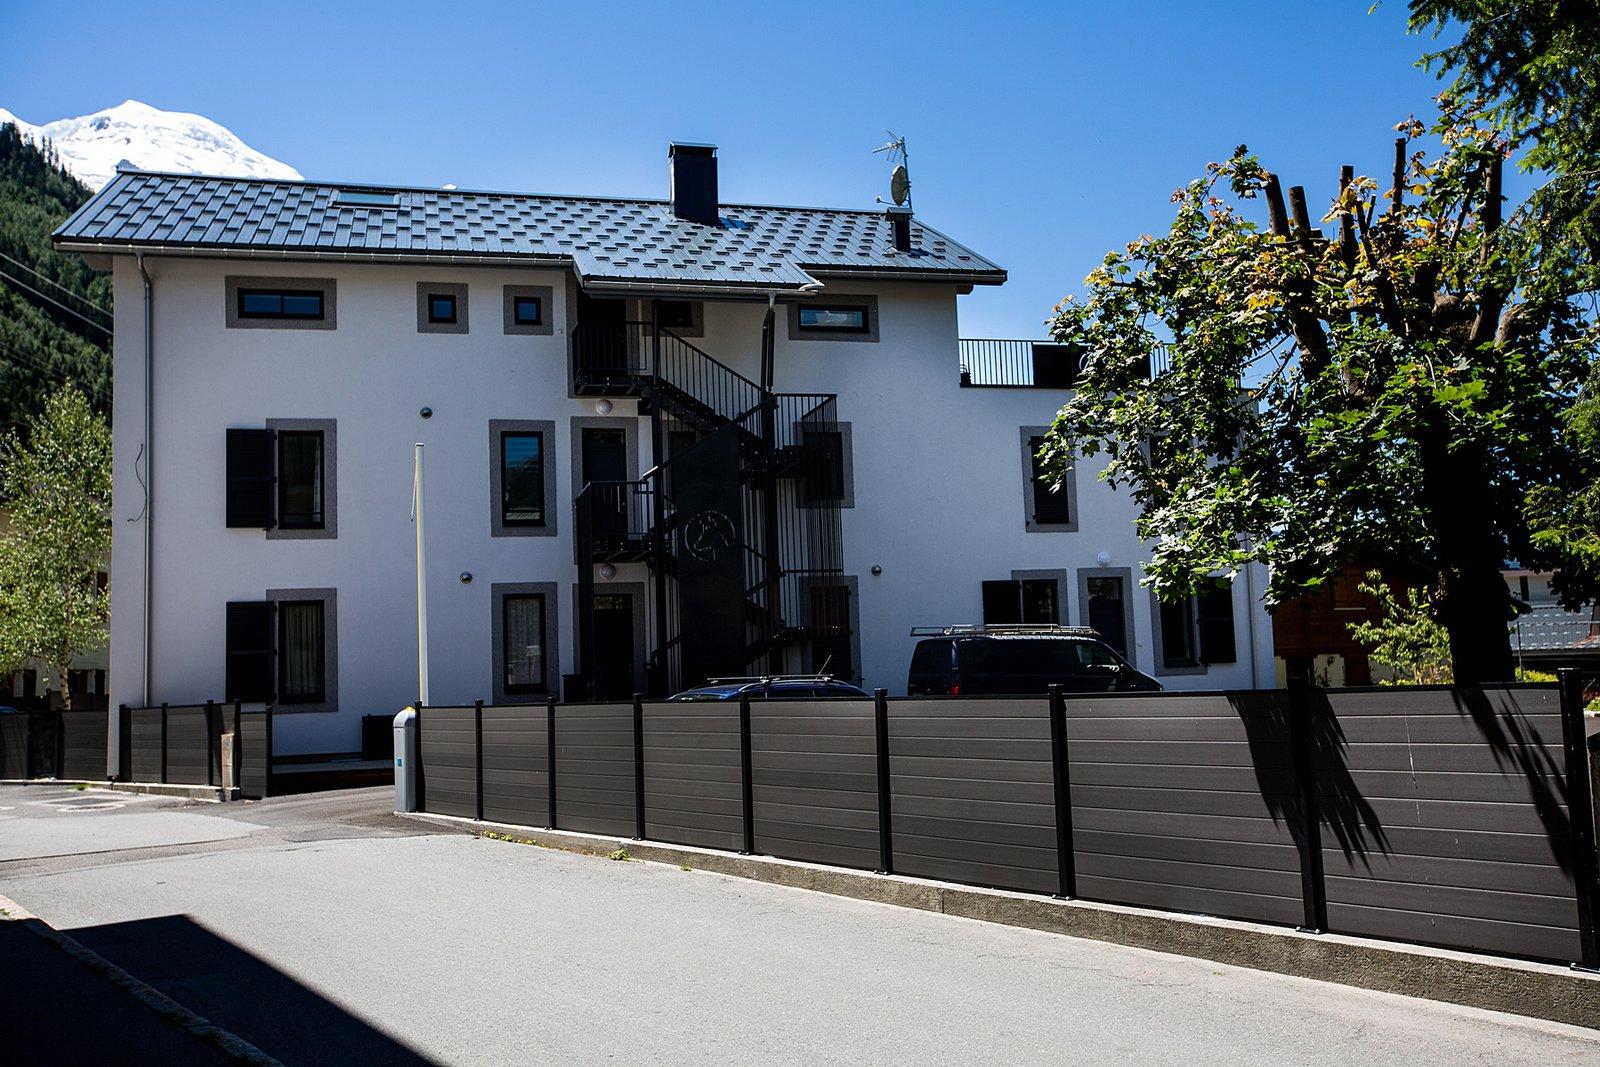 Chamois 3 Apartment, Chamonix: Self-catering accommodation